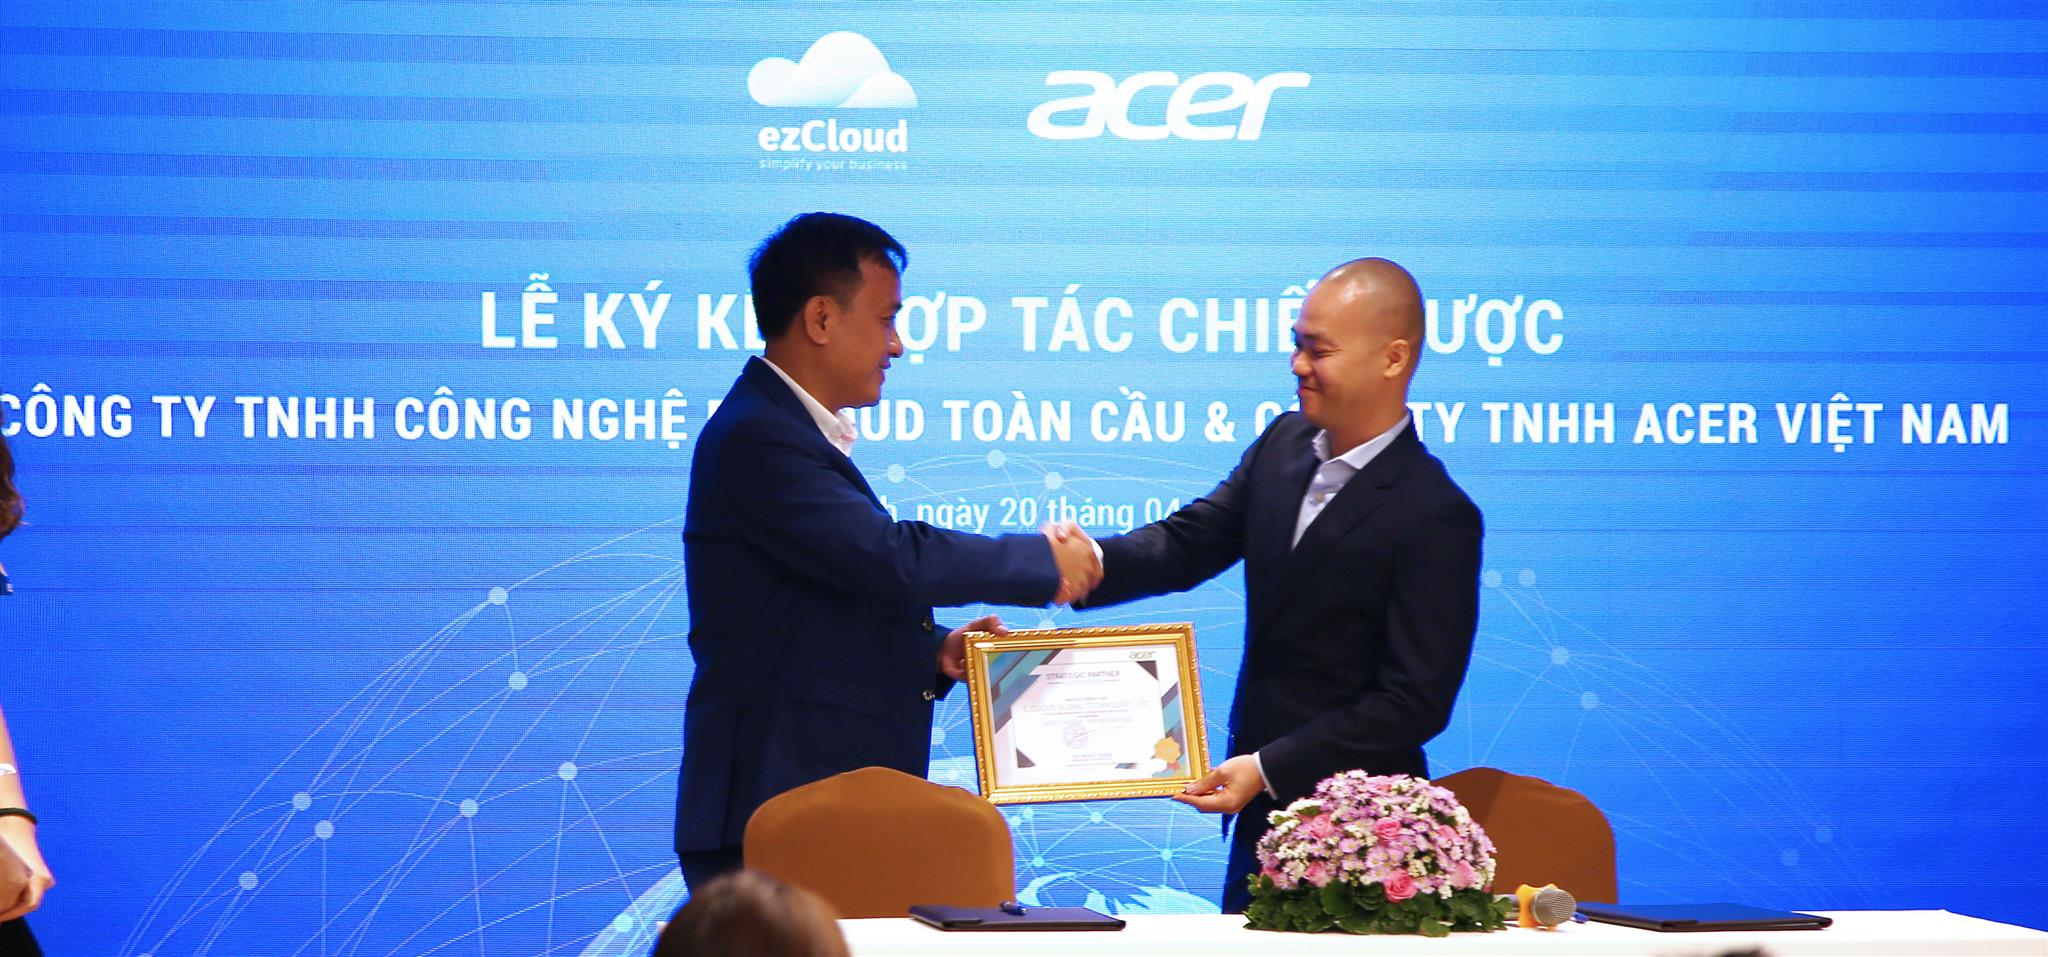 ezCloud và Acer ký kết hợp tác chiến lược